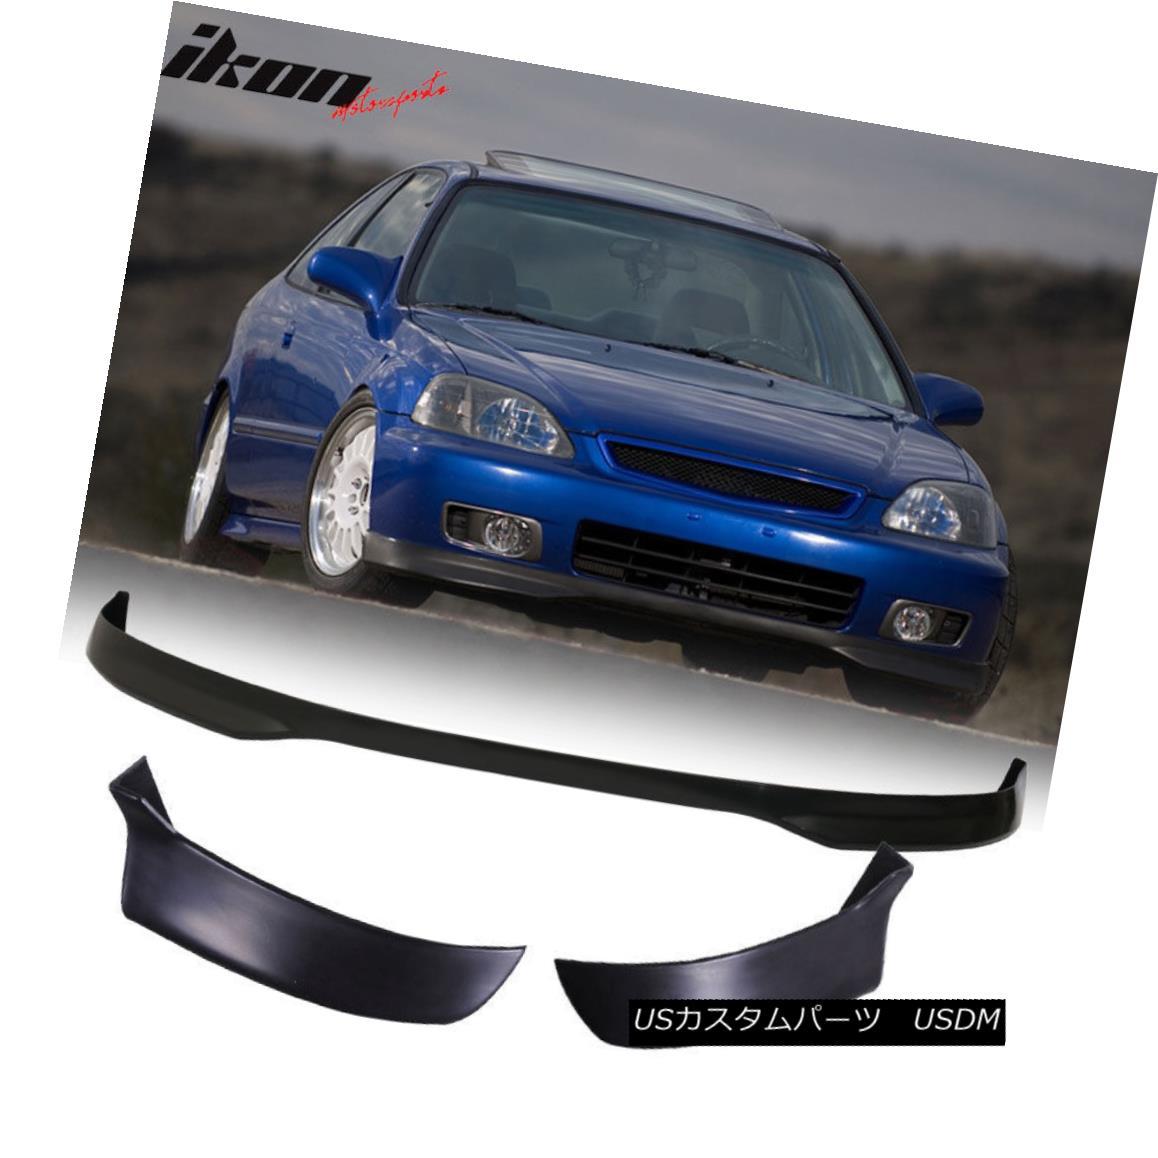 エアロパーツ Fits 96-98 Civic 3D T-R PP Front Bumper Lip+2PC Rear Lip Valance Spats Body Kit フィット96-98 Civic 3D T-R PPフロントバンパーリップ+ 2PCリアリップバランススボディキット